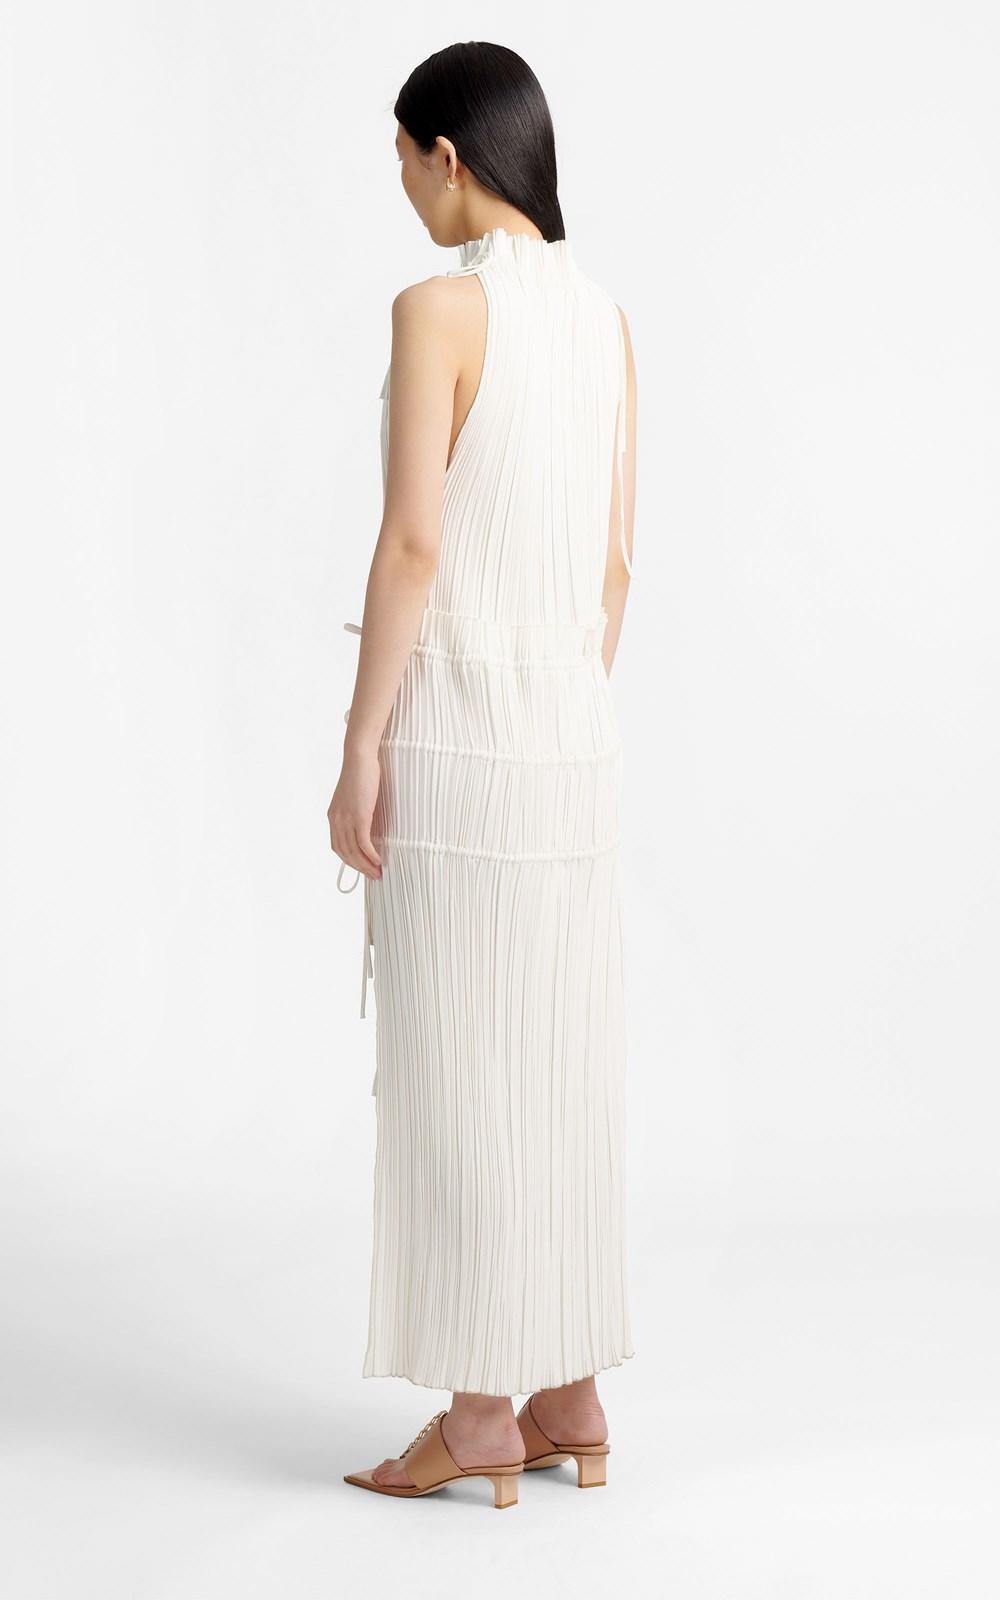 New   | CHANNEL PLEAT DRESS